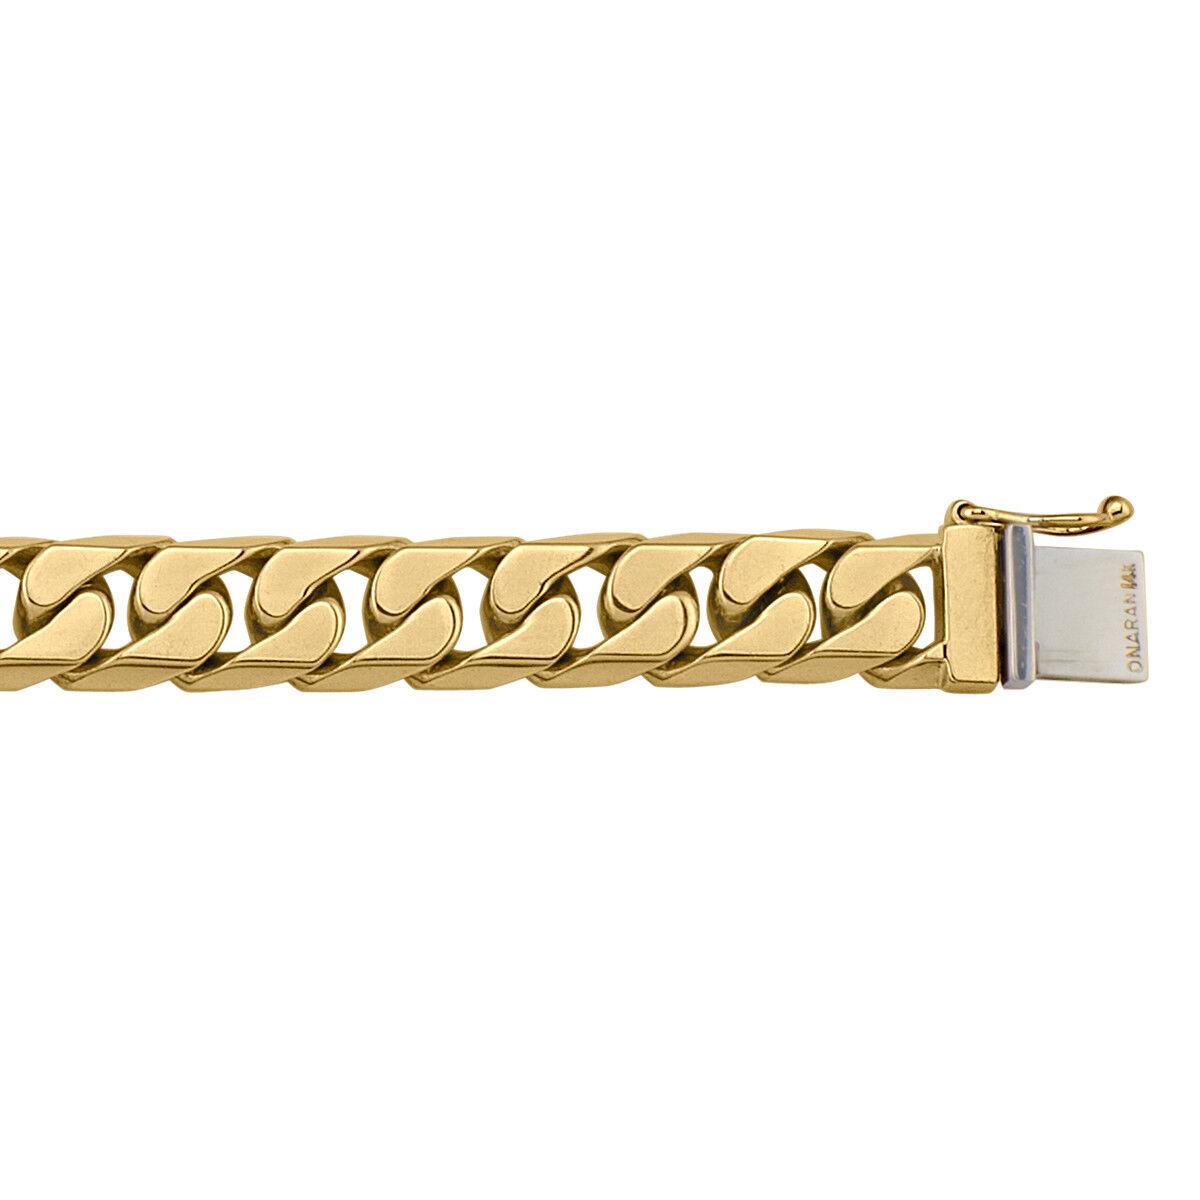 10k - 18k Yellow gold Bracelet, 48.0 - 69.0 grams, 8.5 , 9.3mm, NEW